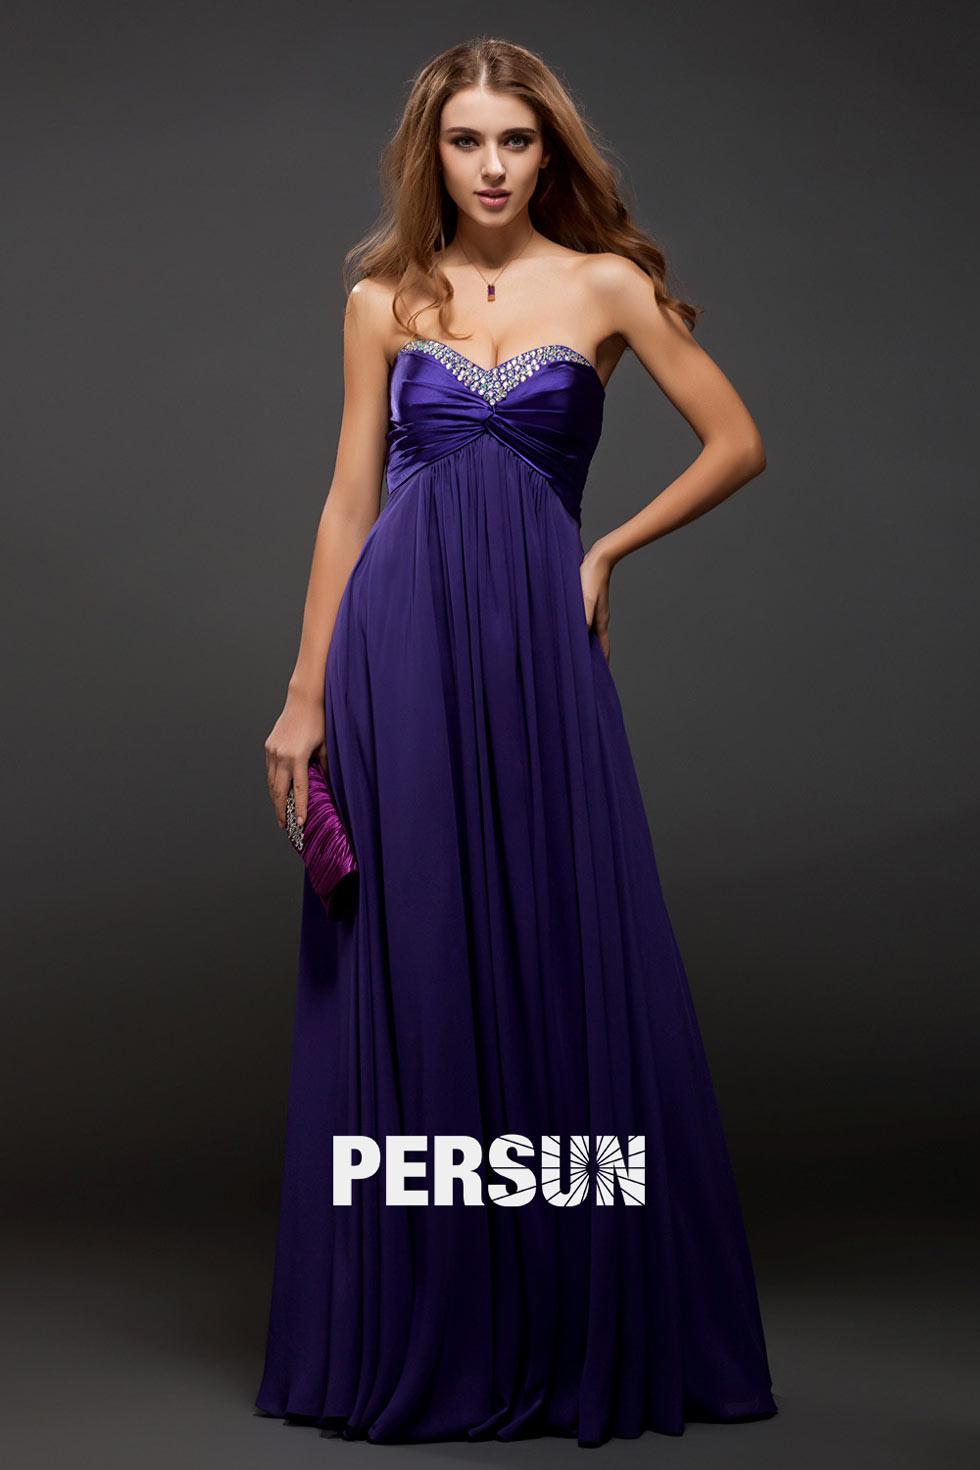 Designer Schön Abendkleid Carmen Ausschnitt Spezialgebiet20 Genial Abendkleid Carmen Ausschnitt Vertrieb